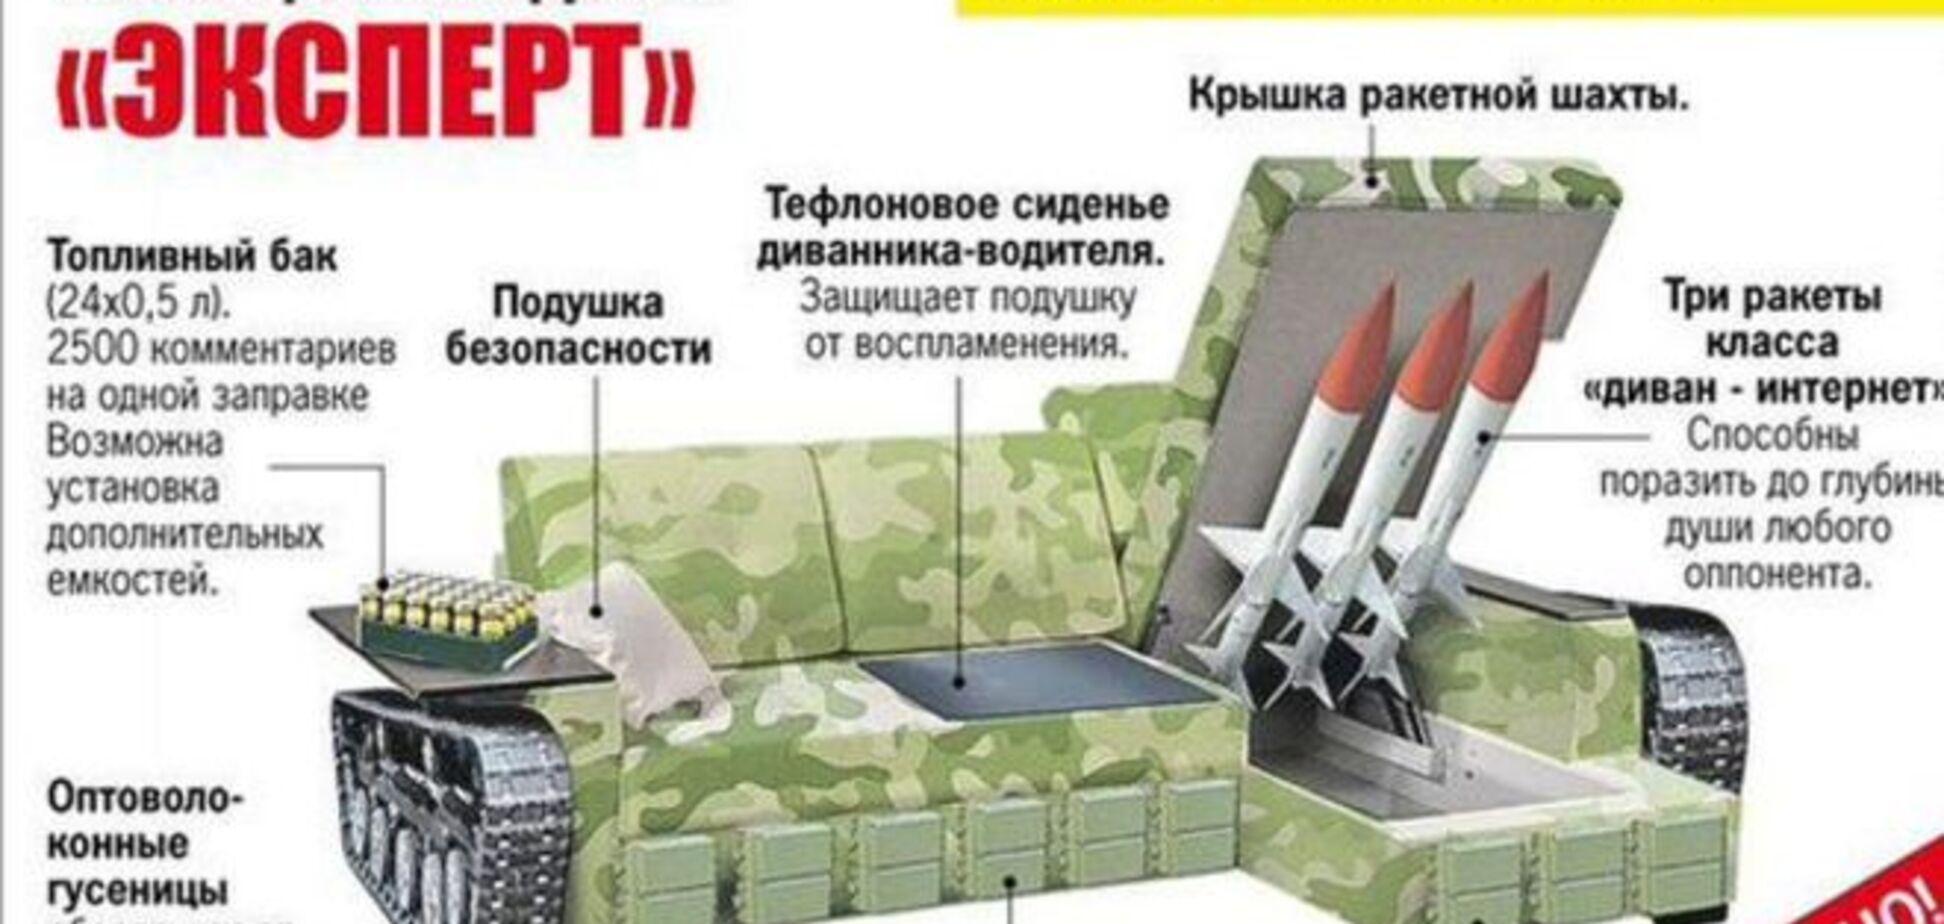 В сети показали секретную разработку для 'диванных' войск. Фотофакт